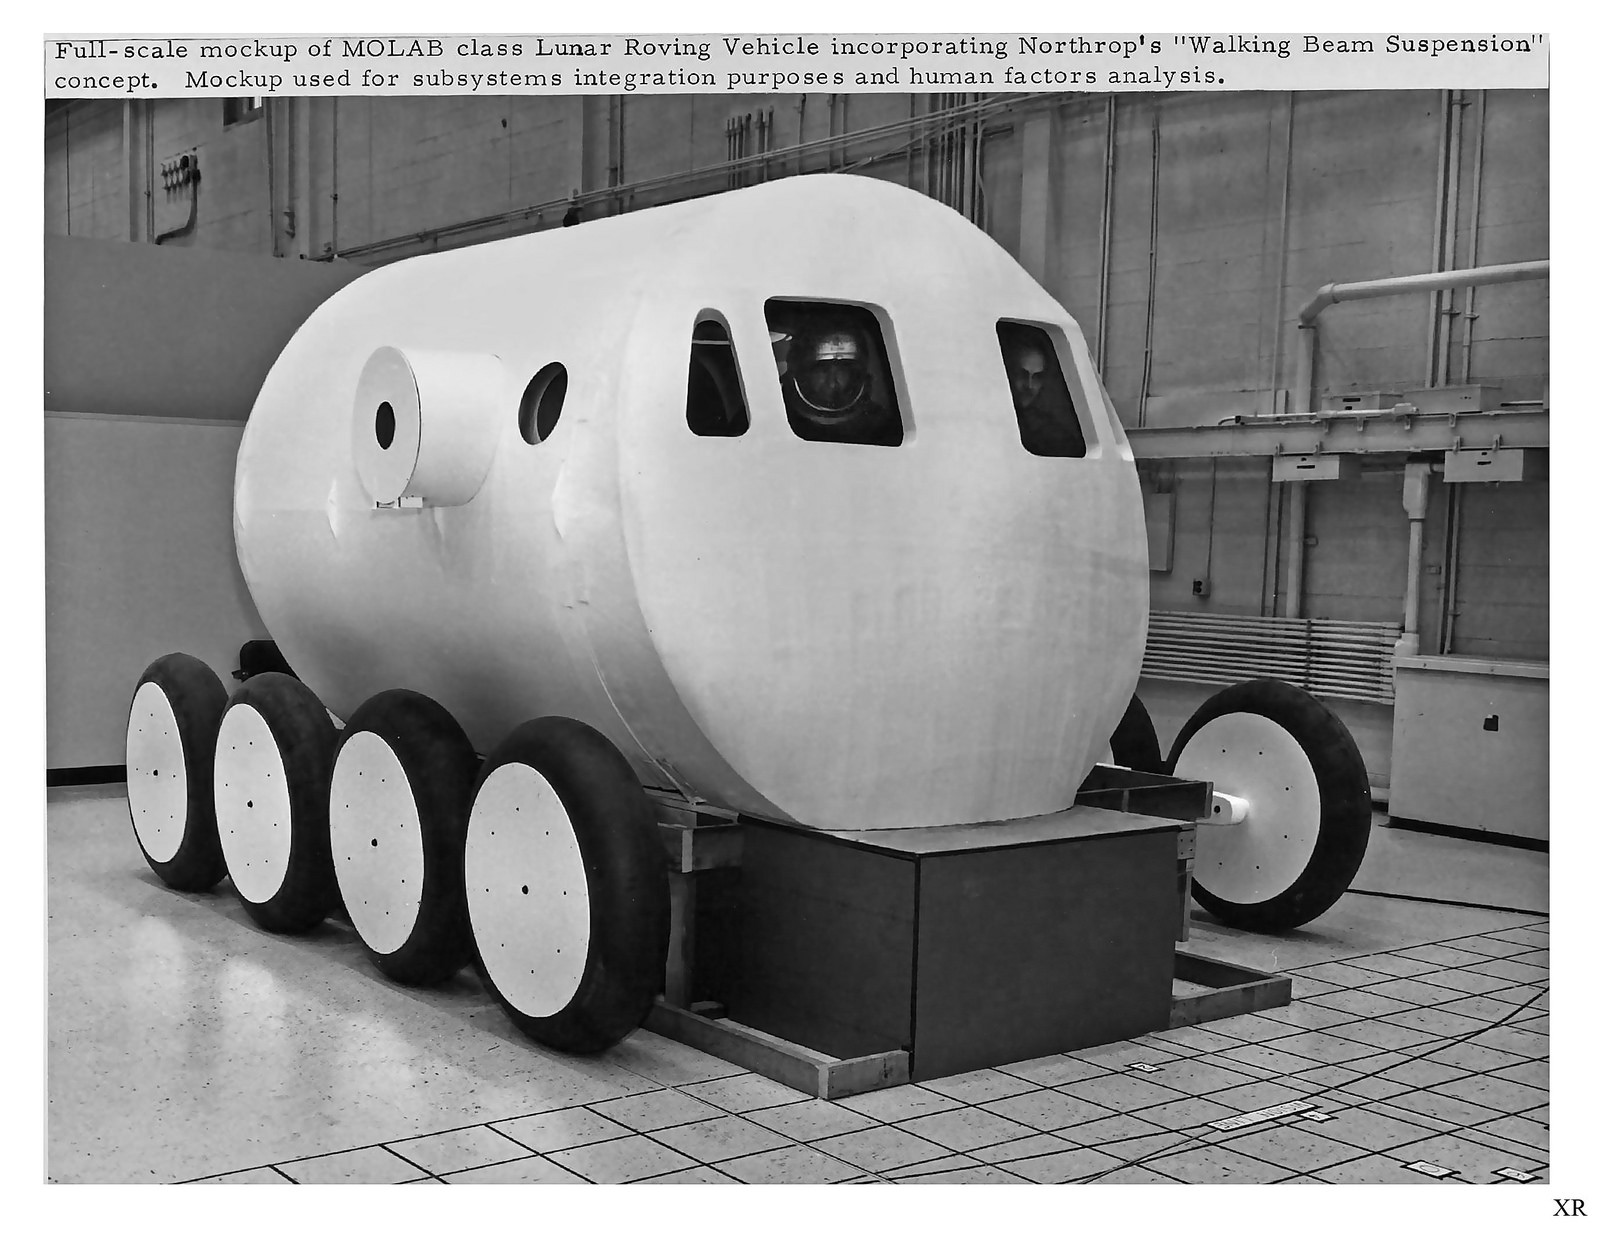 Northrop Corporation har bygget mange legendariske jagerfly opp gjennom årene, og lagde også MOLAB-konsepter på 60-tallet. Her ett fullskala-konsept med «Walking Beam Suspension» fra 1964.